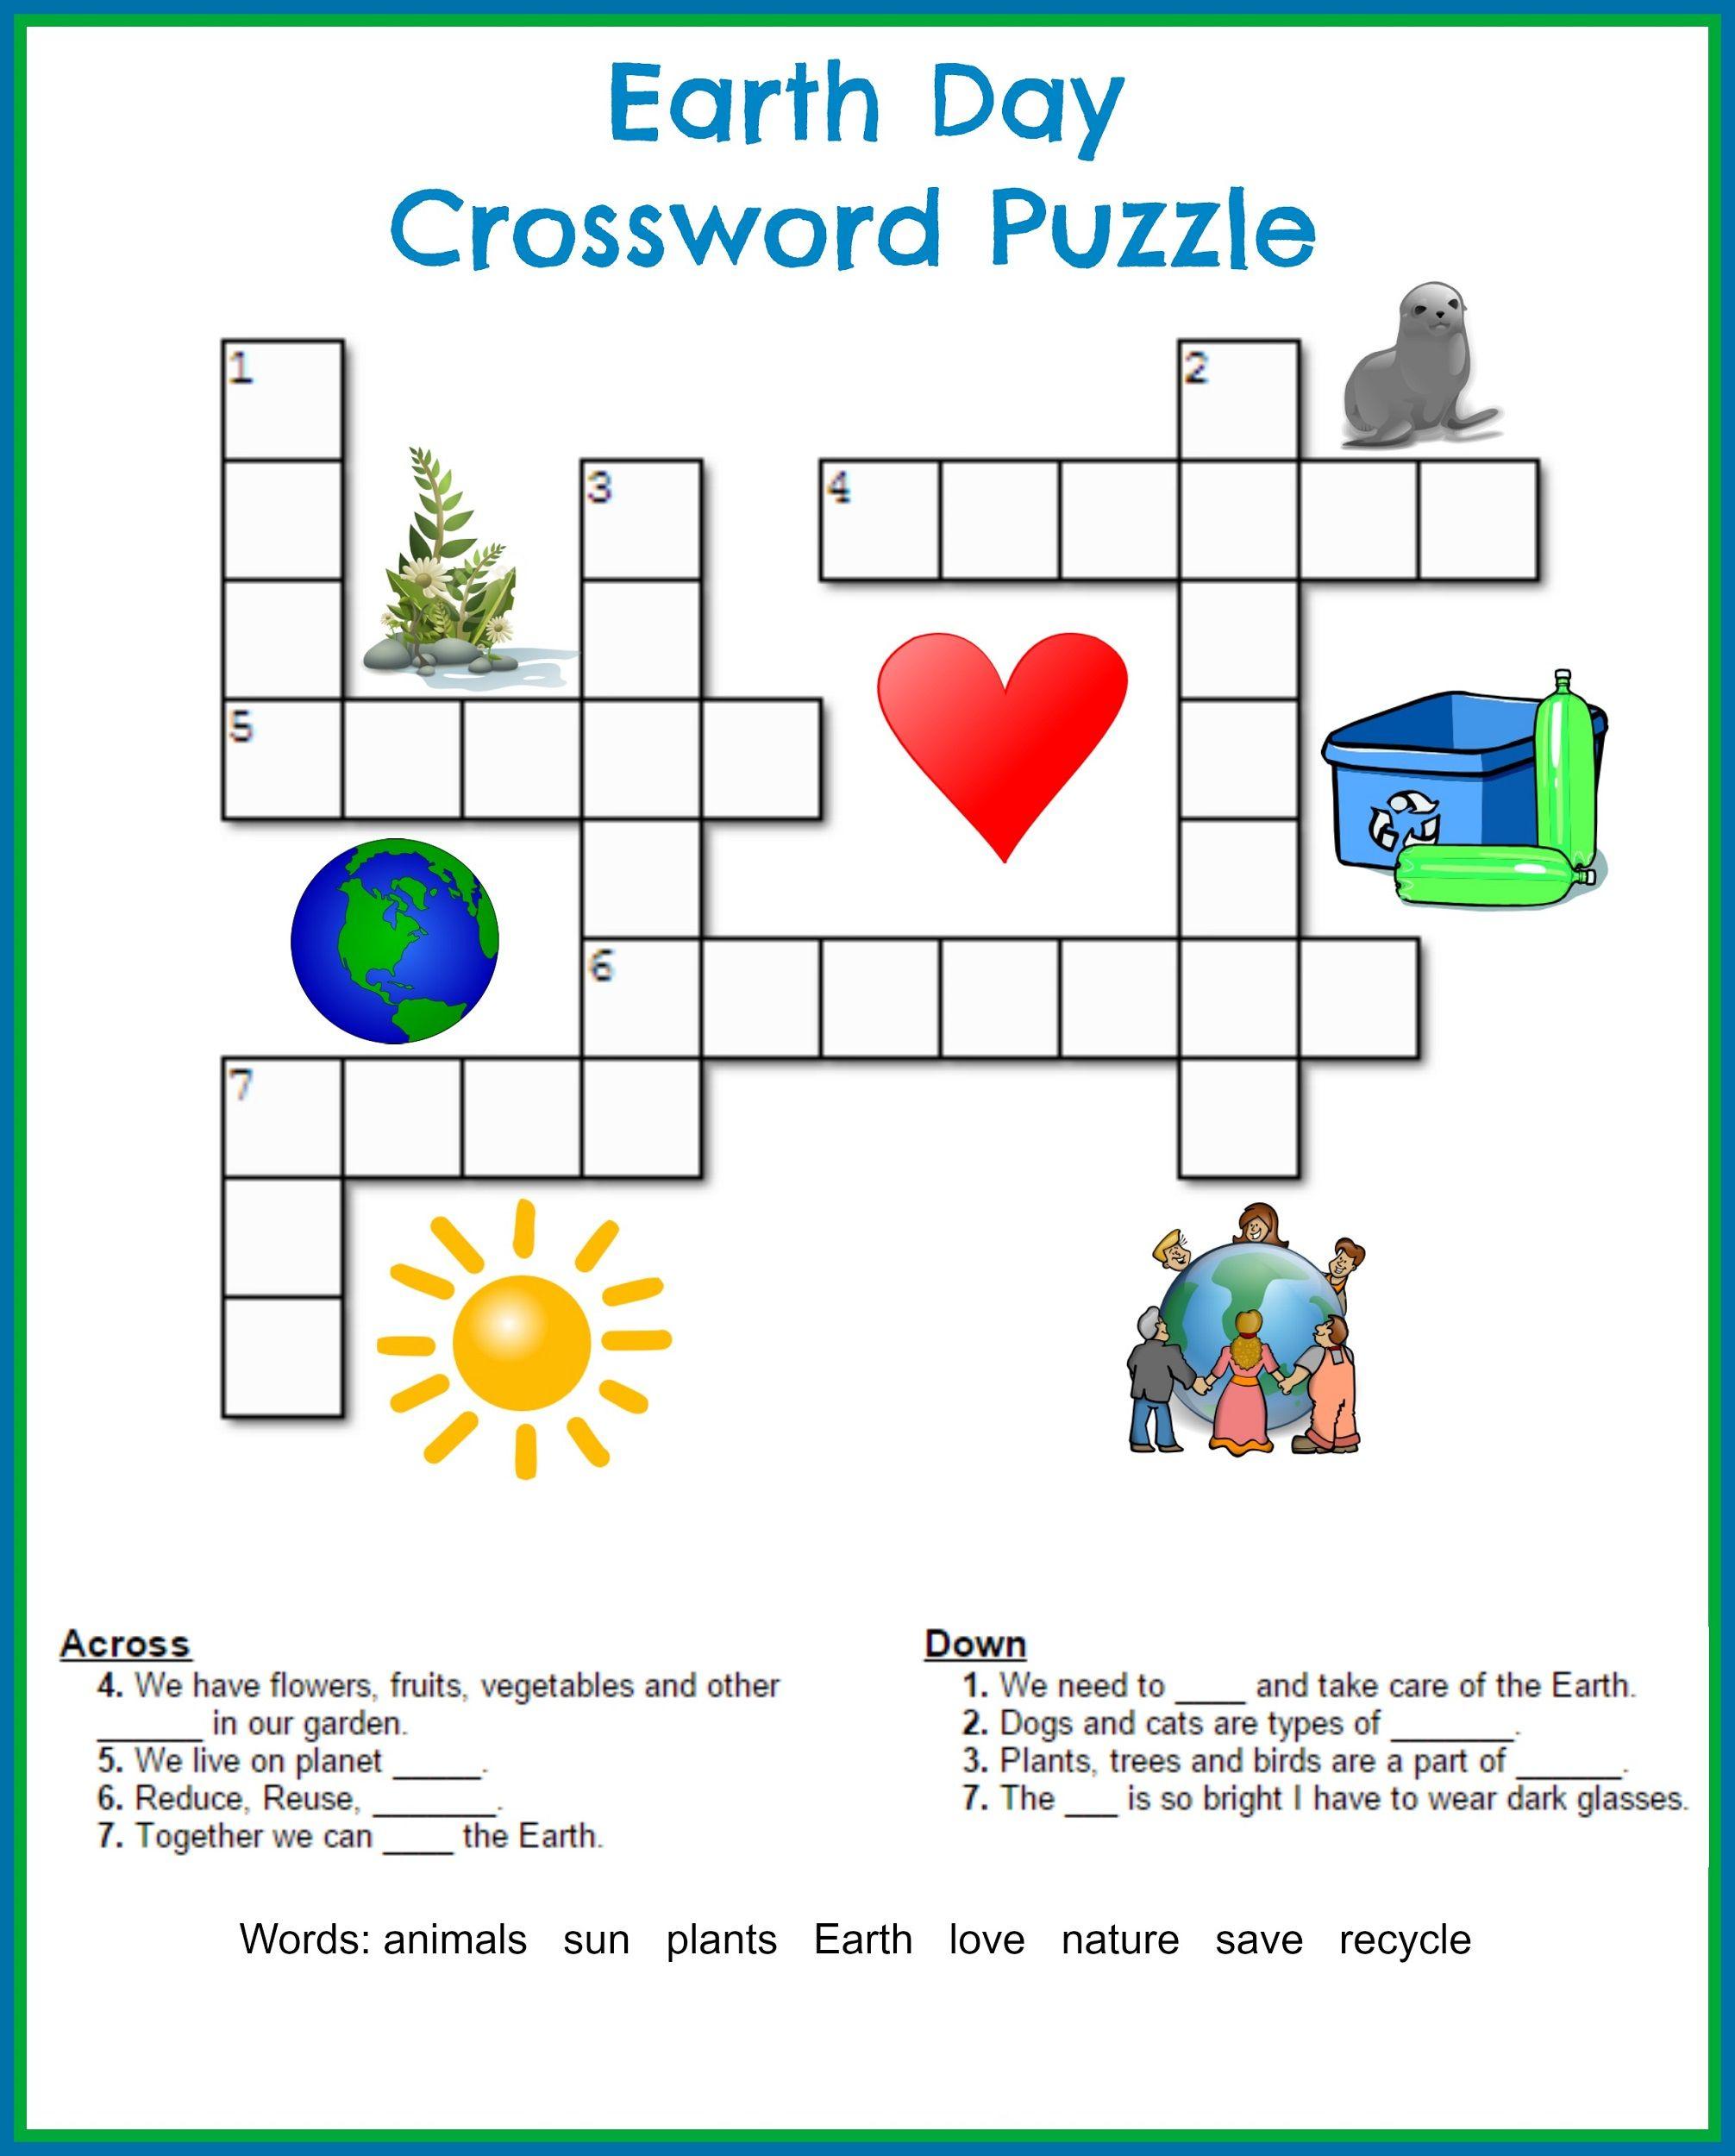 Printable Crossword Puzzles Kids | Crossword Puzzles On Earth - Printable Children's Crossword Puzzles Uk